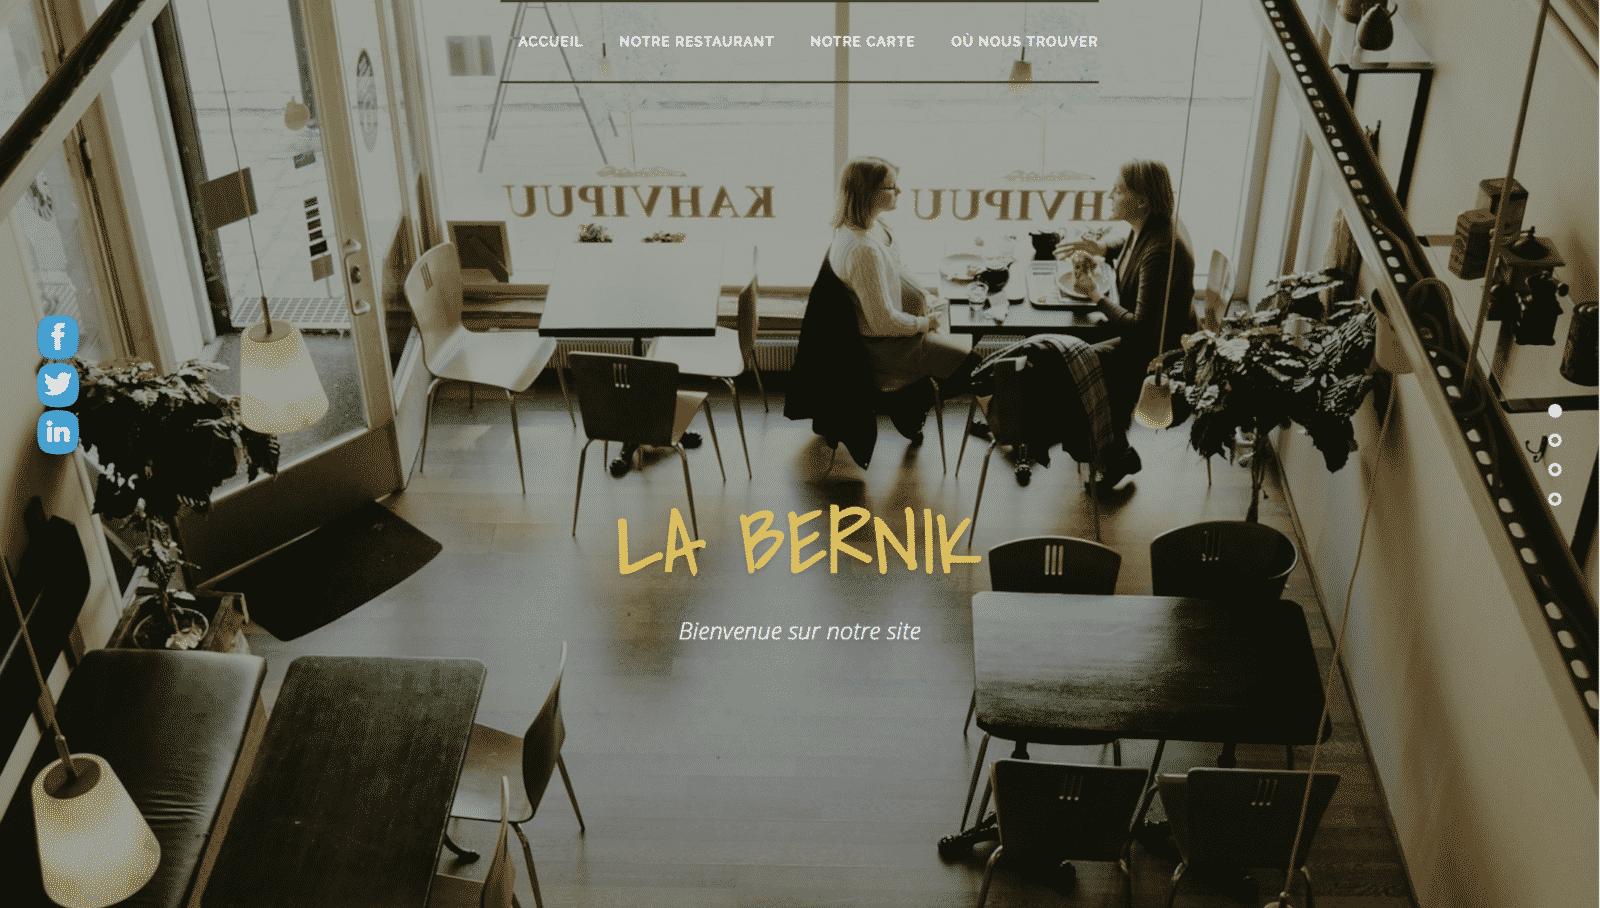 Site web du restaurant labernik